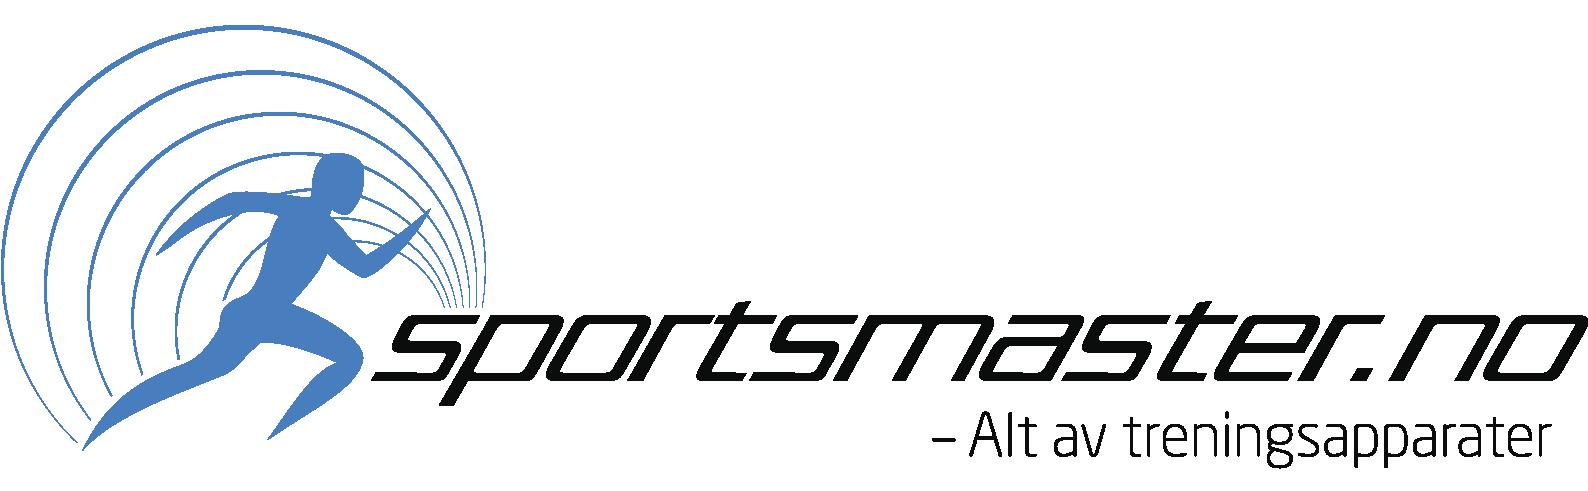 Sportsmaster_logo-01.png